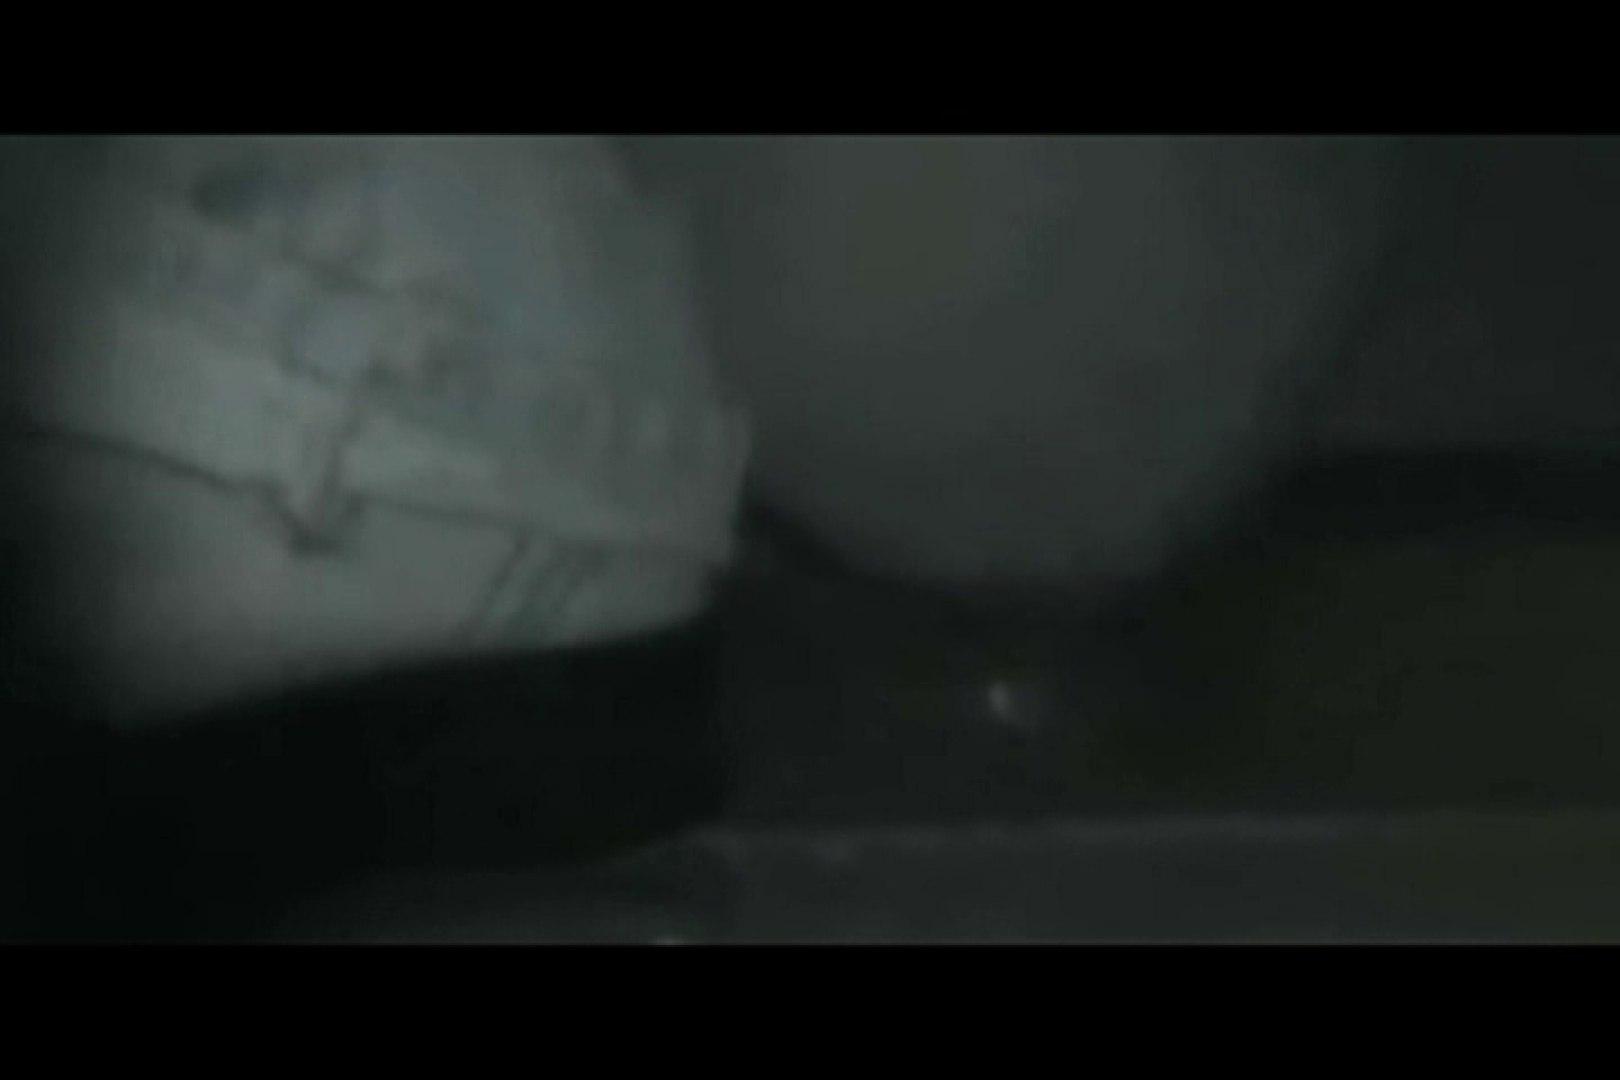 ぼっとん洗面所スペシャルVol.17 洗面所 覗きワレメ動画紹介 74PICs 29